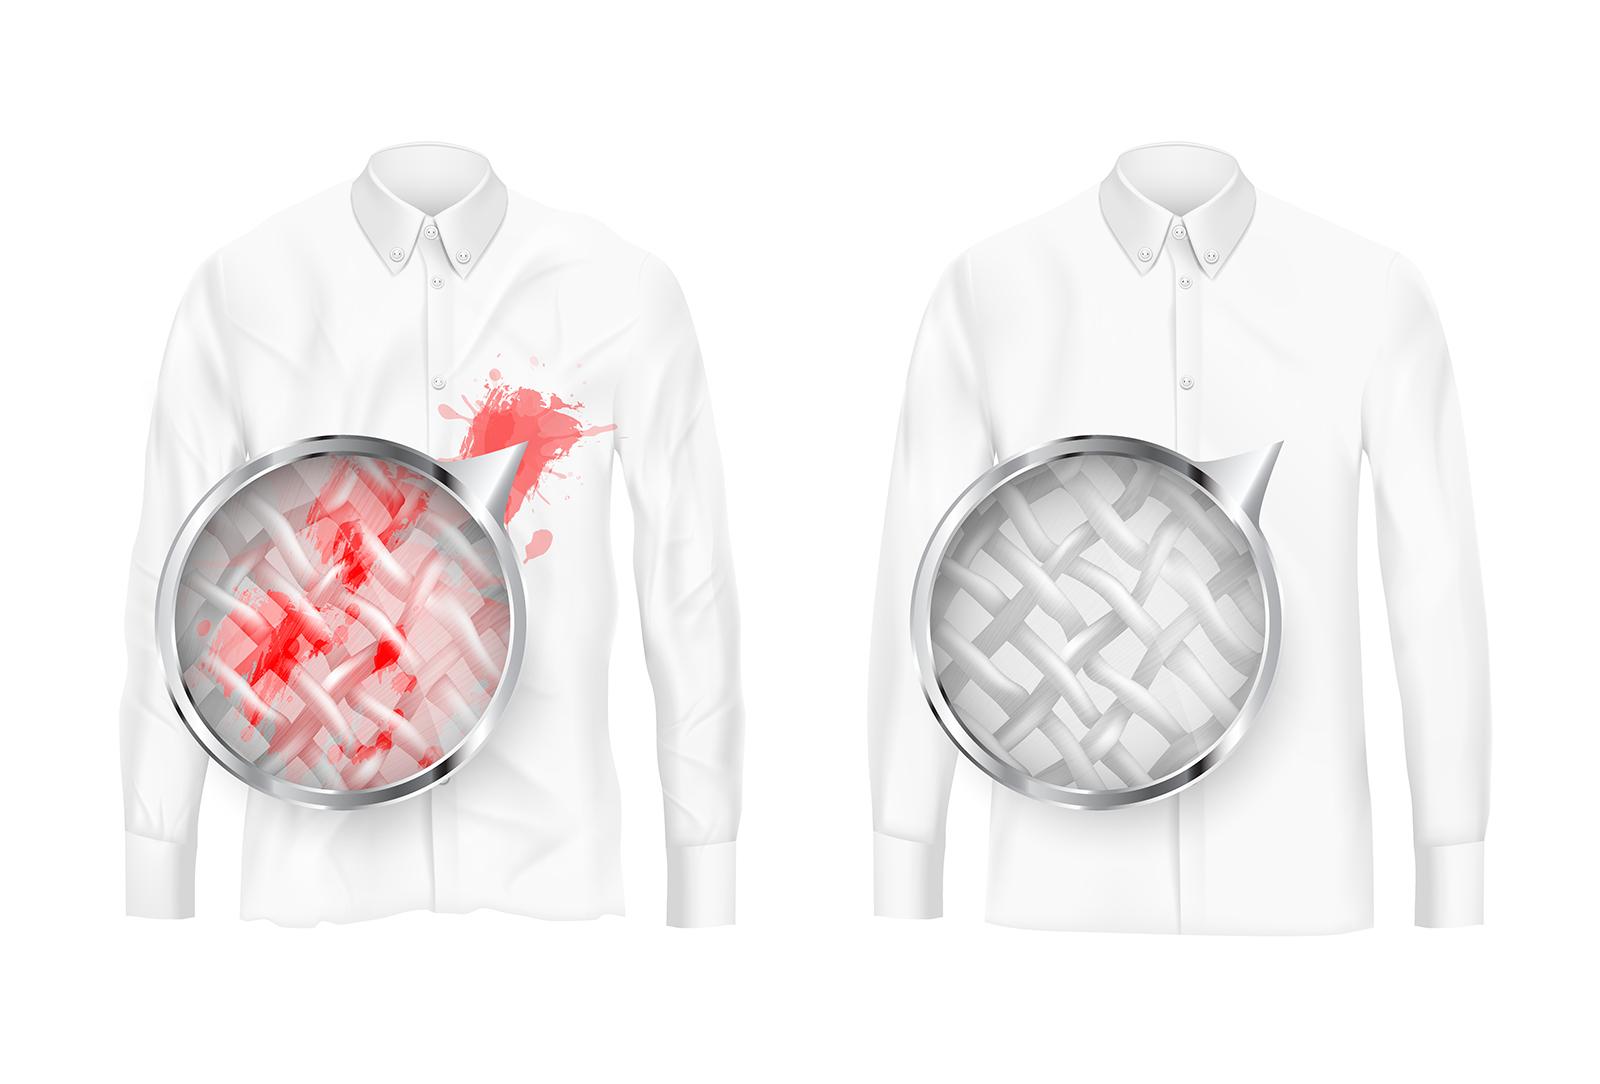 Cum să îndepărtăm petele dificile de pe haine cu ce avem la îndemână?